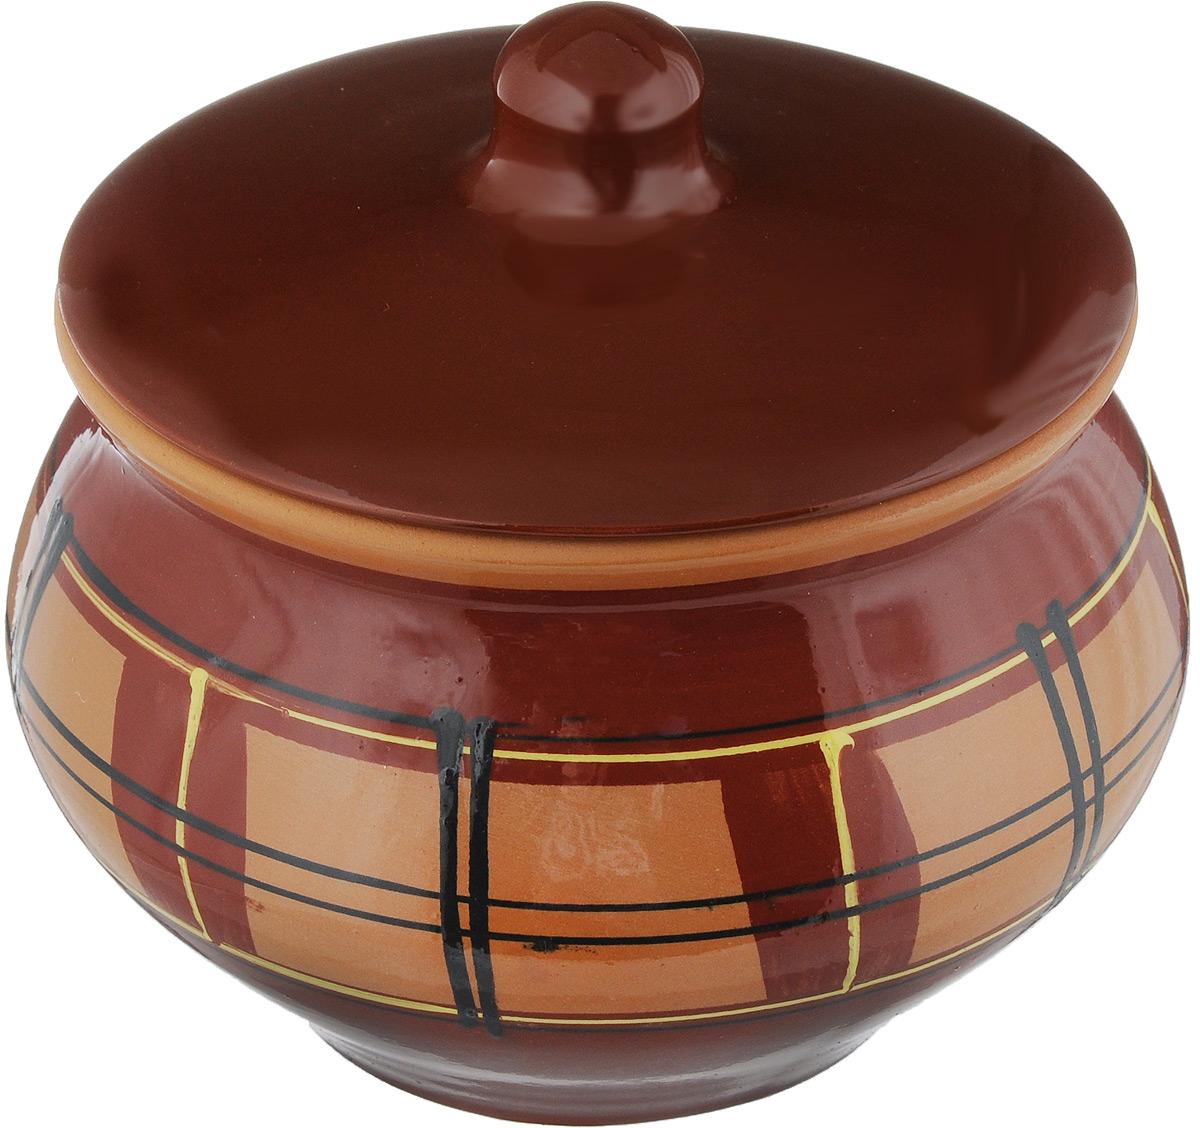 Горшок для жаркого Борисовская керамика Стандарт с крышкой, цвет: коричневый, темно-коричневый, 1,3 лОБЧ00000331_клетка, коричневыйГоршок для жаркого Борисовская керамика Стандарт выполнен из высококачественной керамики. Внутренняя и внешняя поверхность покрыты глазурью. Керамика абсолютно безопасна, поэтому изделие придется по вкусу любителям здоровой и полезной пищи. Горшок для жаркого с крышкой очень вместителен и имеет удобную форму. Уникальные свойства красной глины и толстые стенки изделия обеспечивают эффект русской печи при приготовлении блюд. Это значит, что еда будет очень вкусной, сочной и здоровой. Посуда жаропрочная. Можно использовать в духовке и микроволновой печи. Диаметр горшка (по верхнему краю): 15 см. Высота: 12 см.